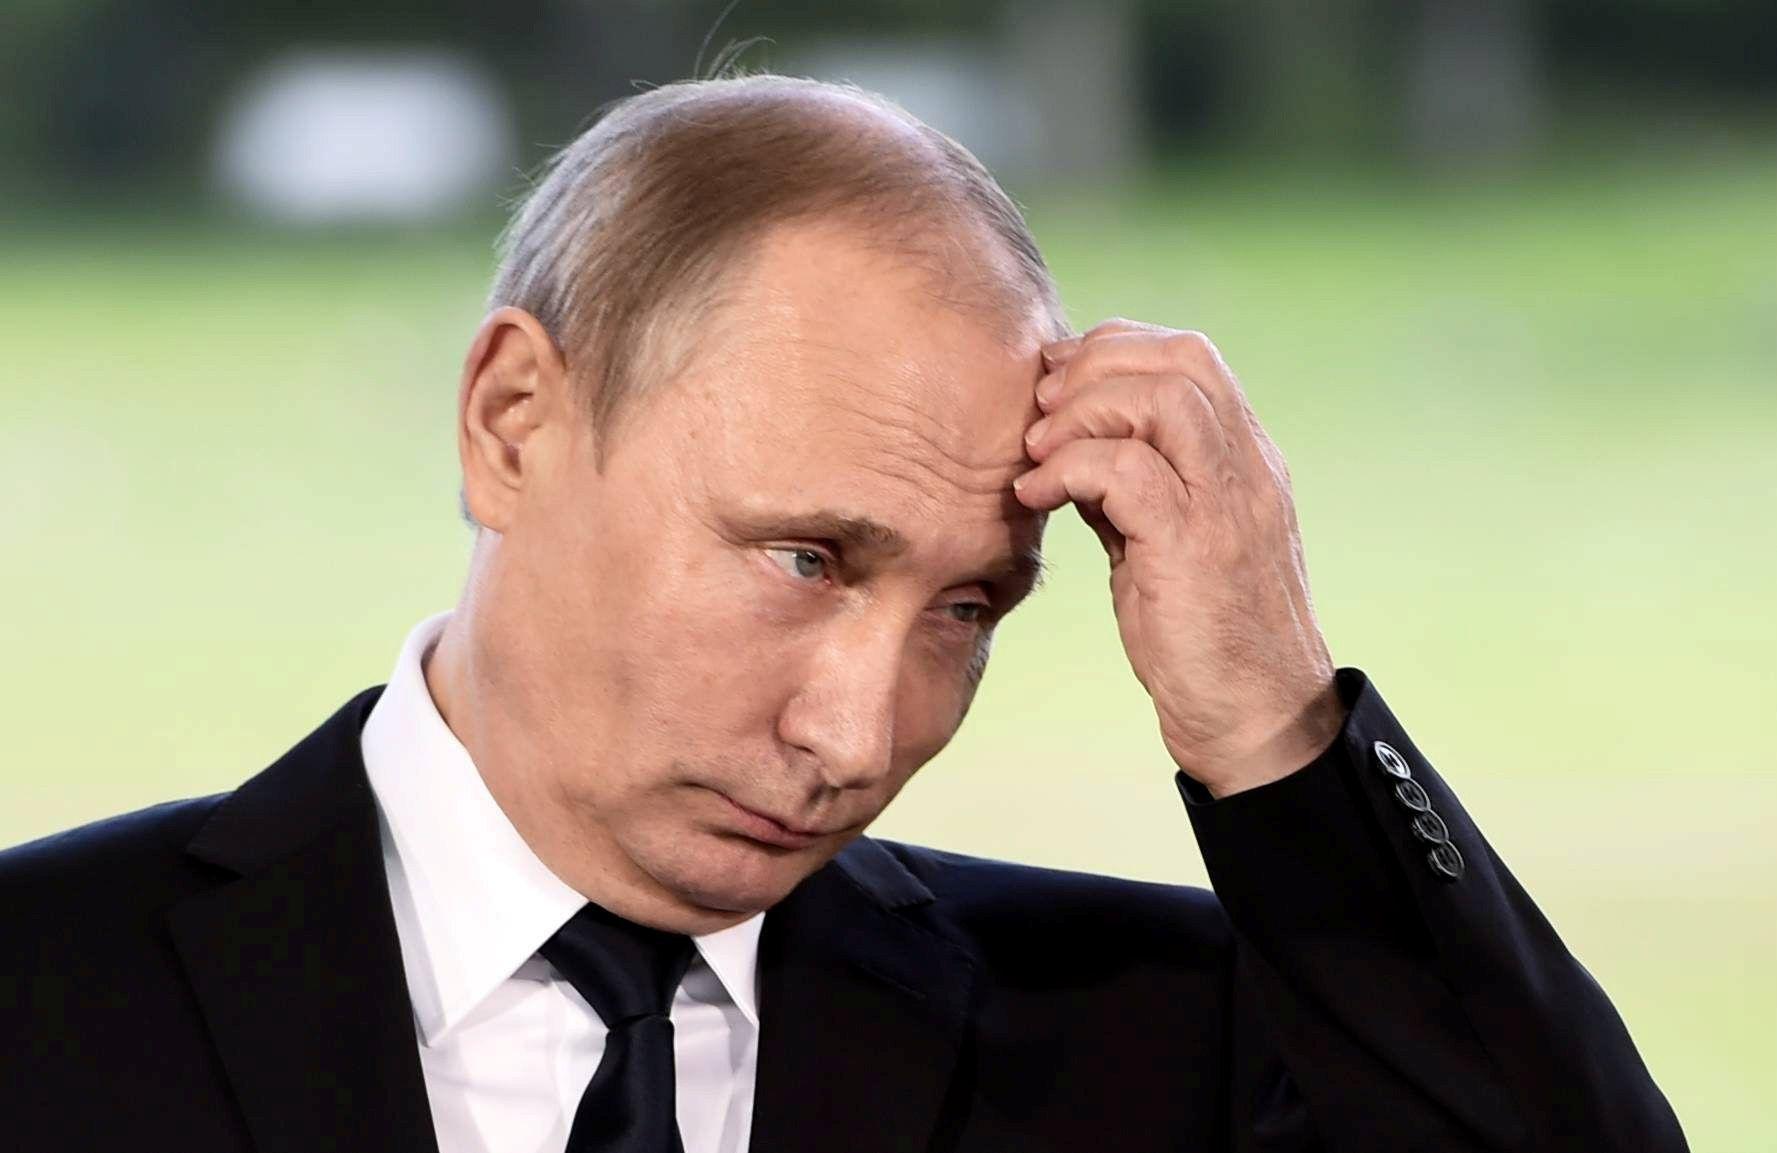 Manifestations anti-poutine : l'homme fort russe est-il un colosse aux pieds d'argile ?